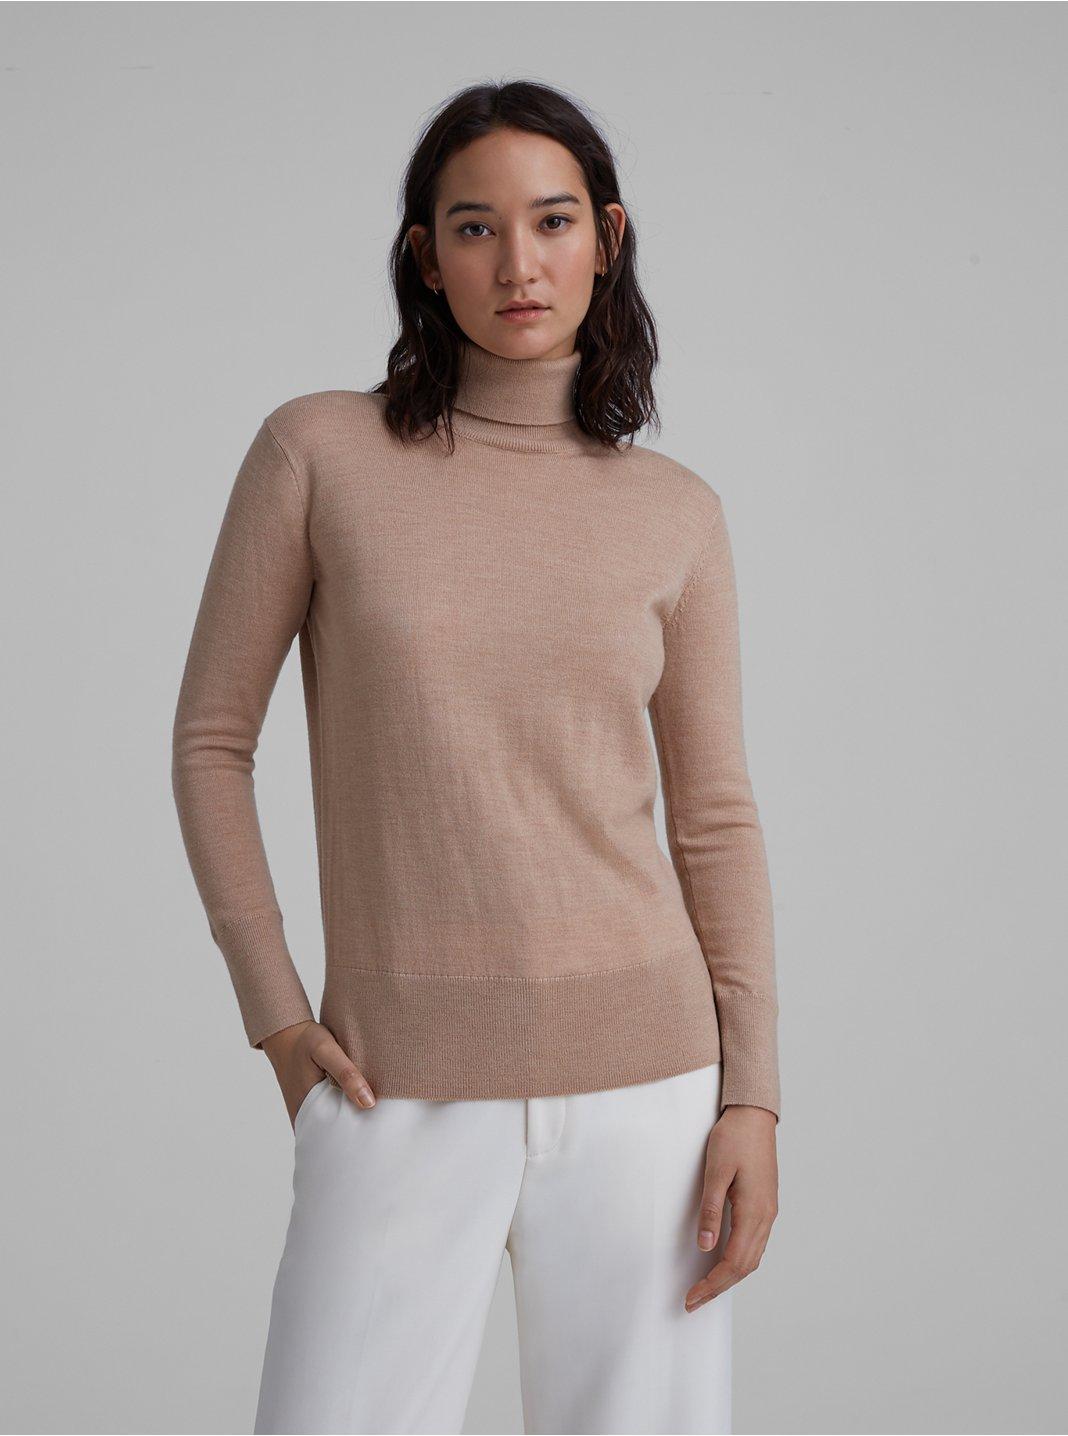 클럽 모나코 에센셜 메리노울 터틀넥 스웨터 - 카멜 Club Monaco Essential Merino Wool Turtleneck 562003